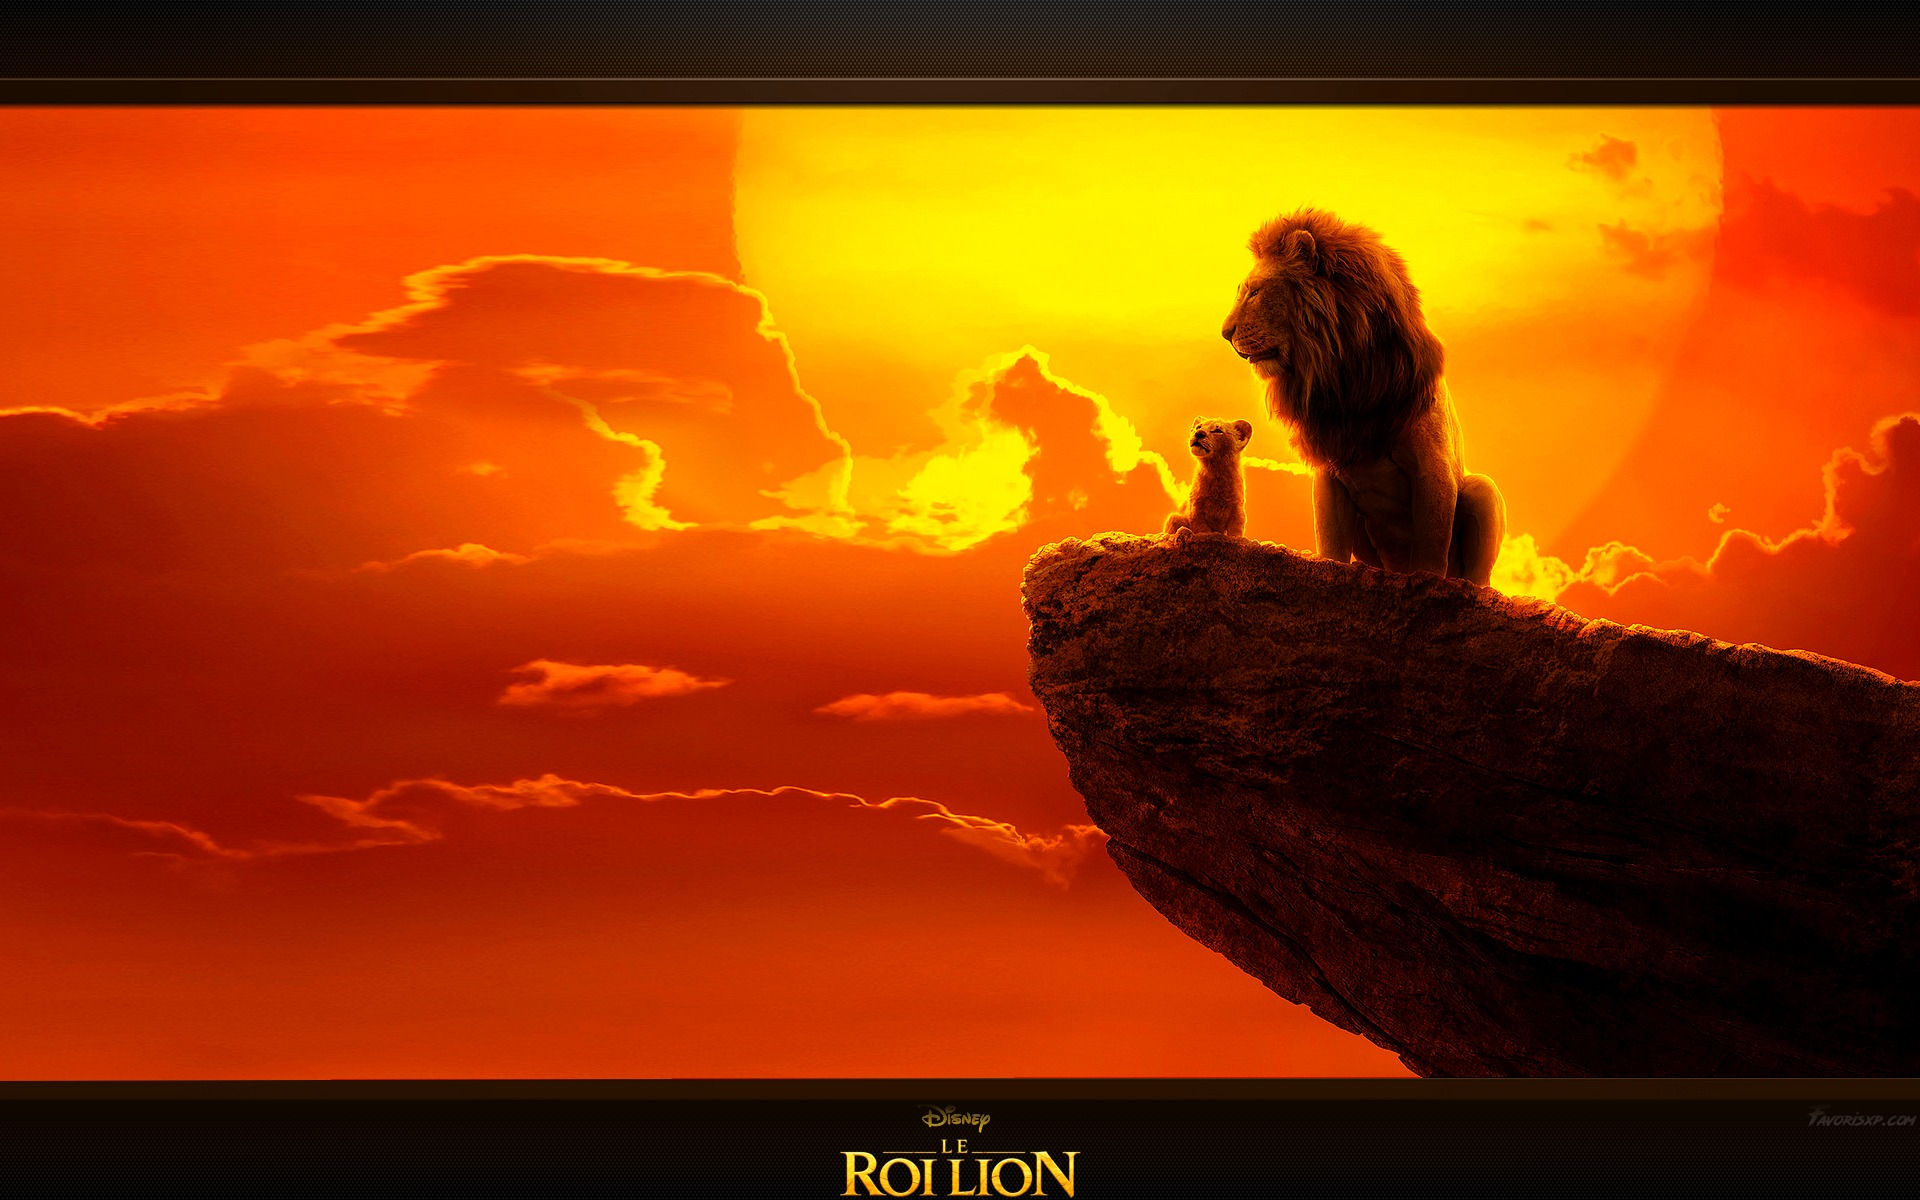 Le Roi Lion Fonds D Ecran Image Arriere Plan Wallpaper